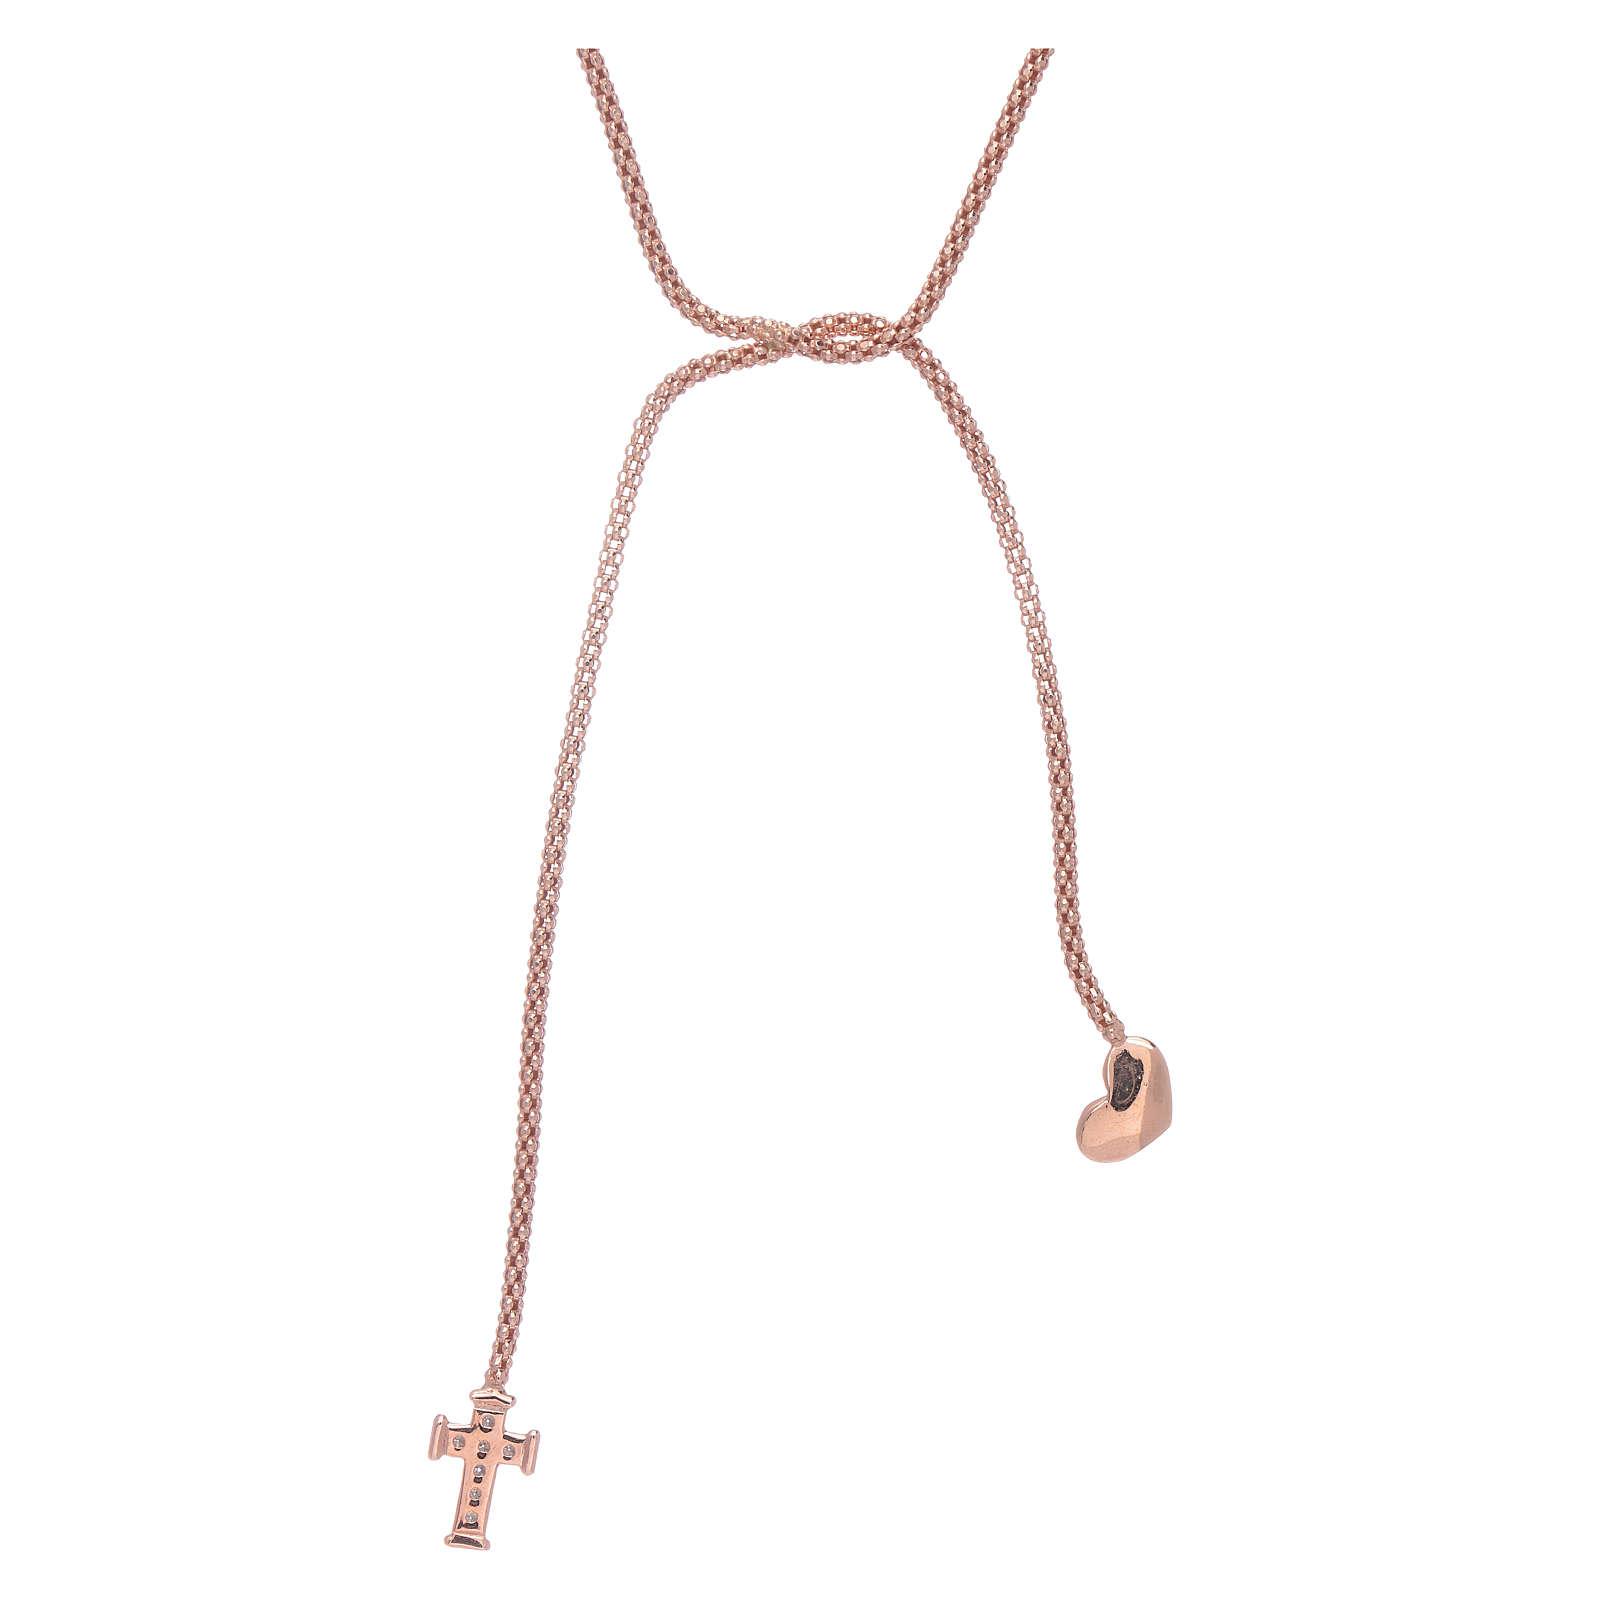 Colar Amen prata 925 rosê abraço coração e cruz zircões brancos 4